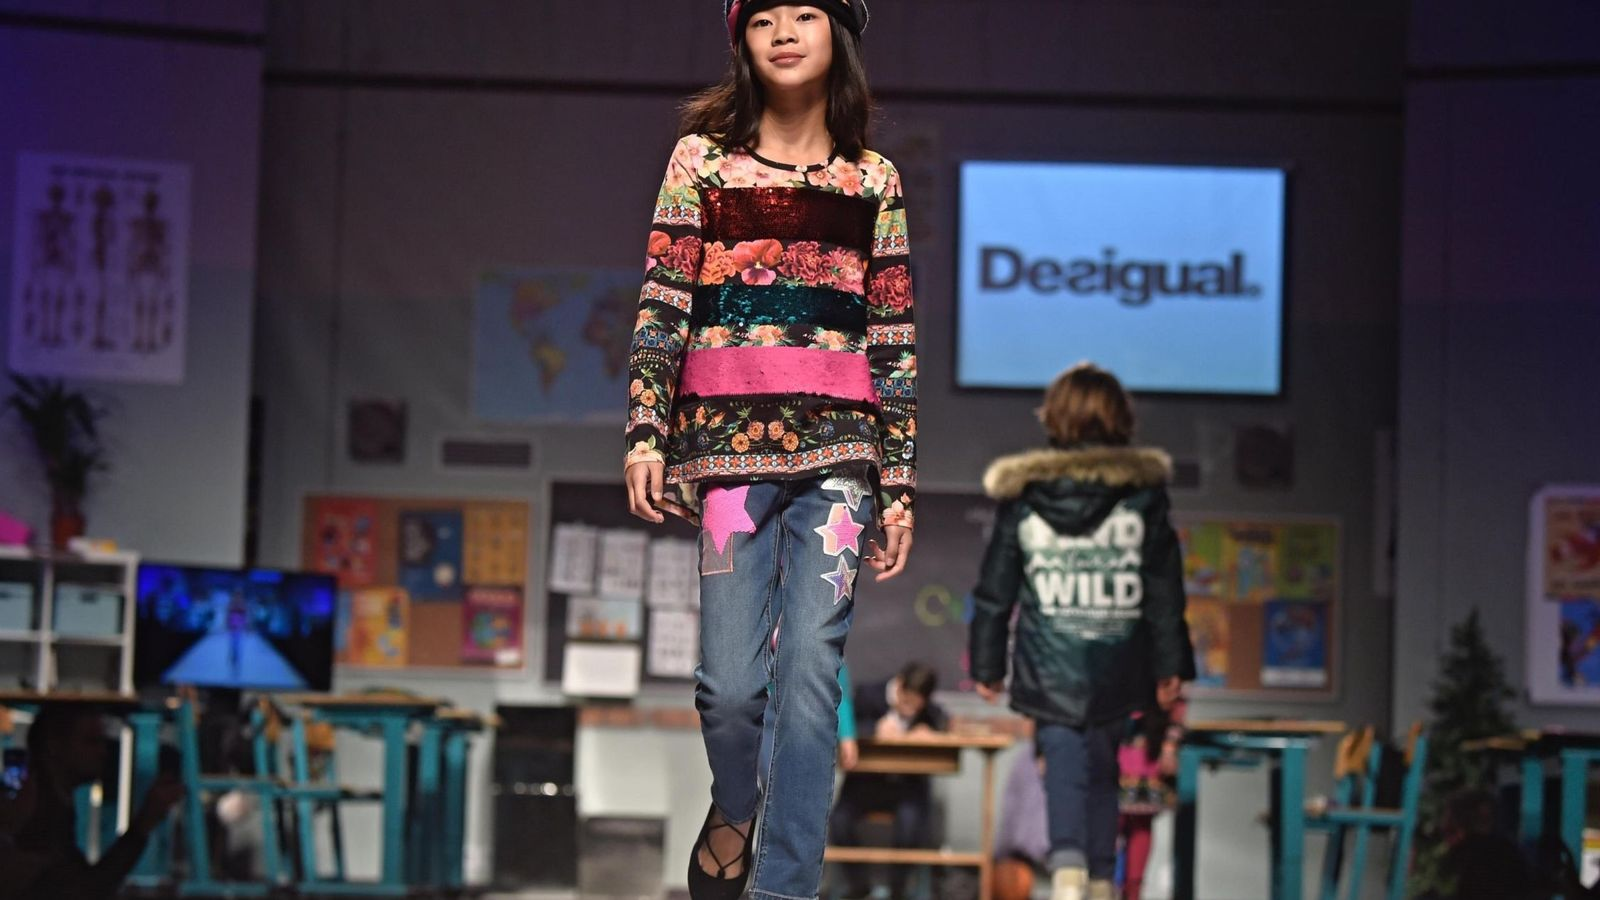 Foto: Una modelo presenta una de las creaciones de la marca española Desigual en un desfile. (EFE)